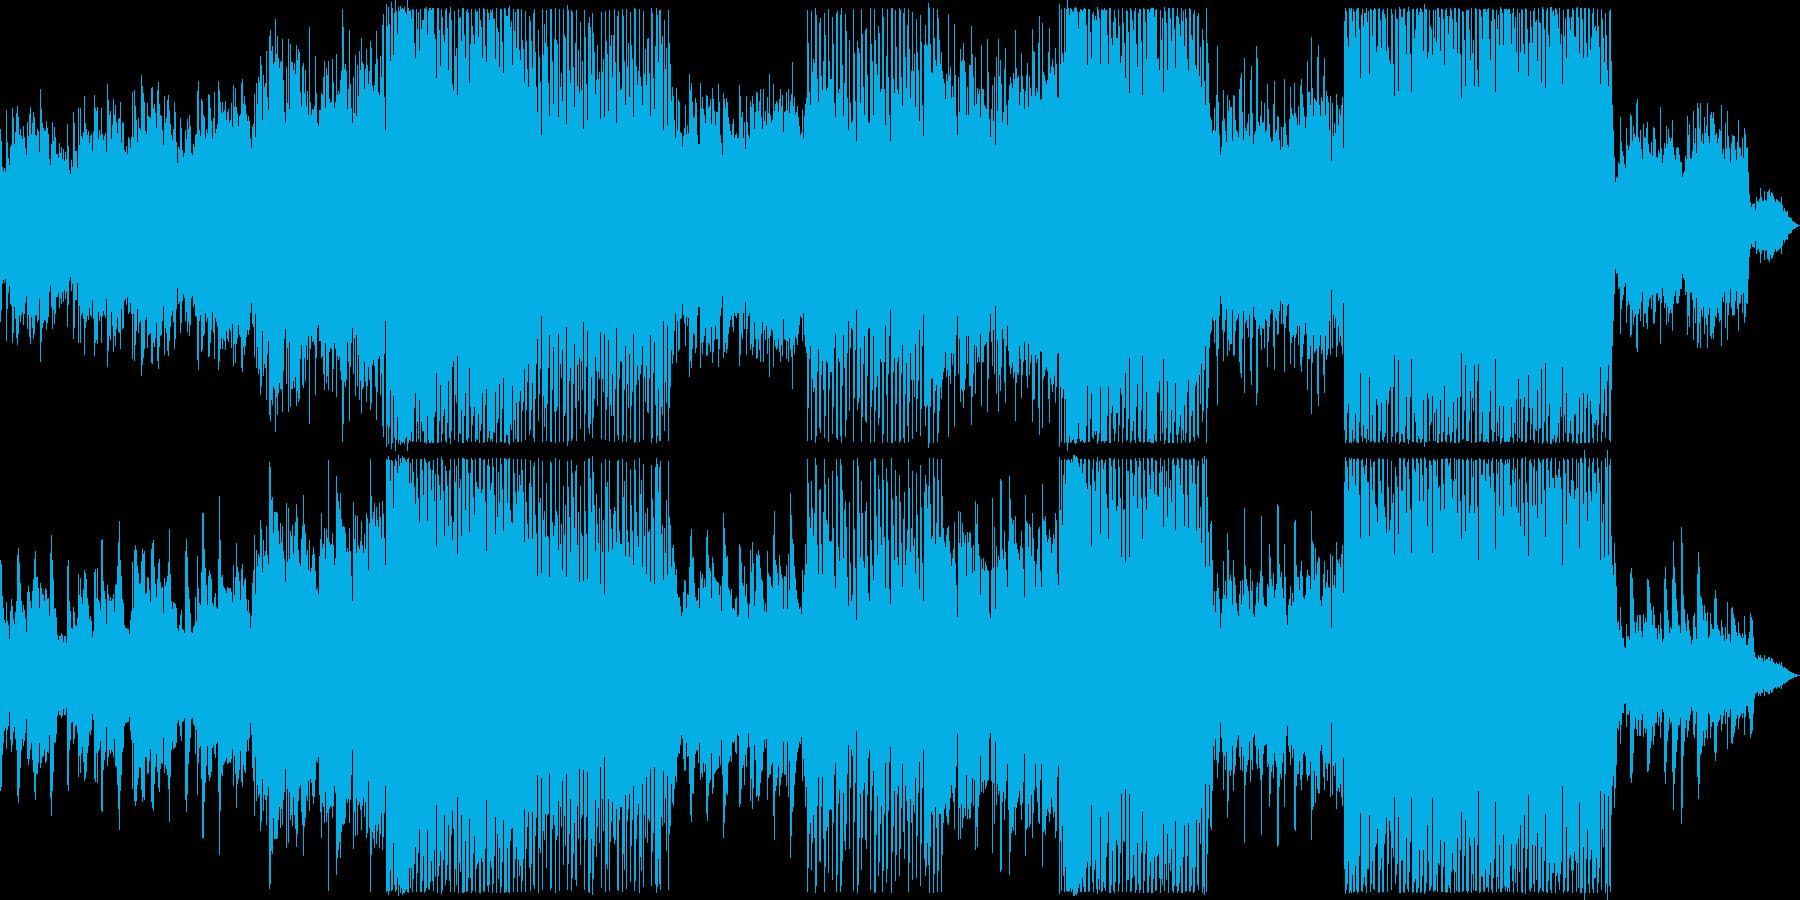 感動シーンに合う力強いサウンドの英語曲の再生済みの波形